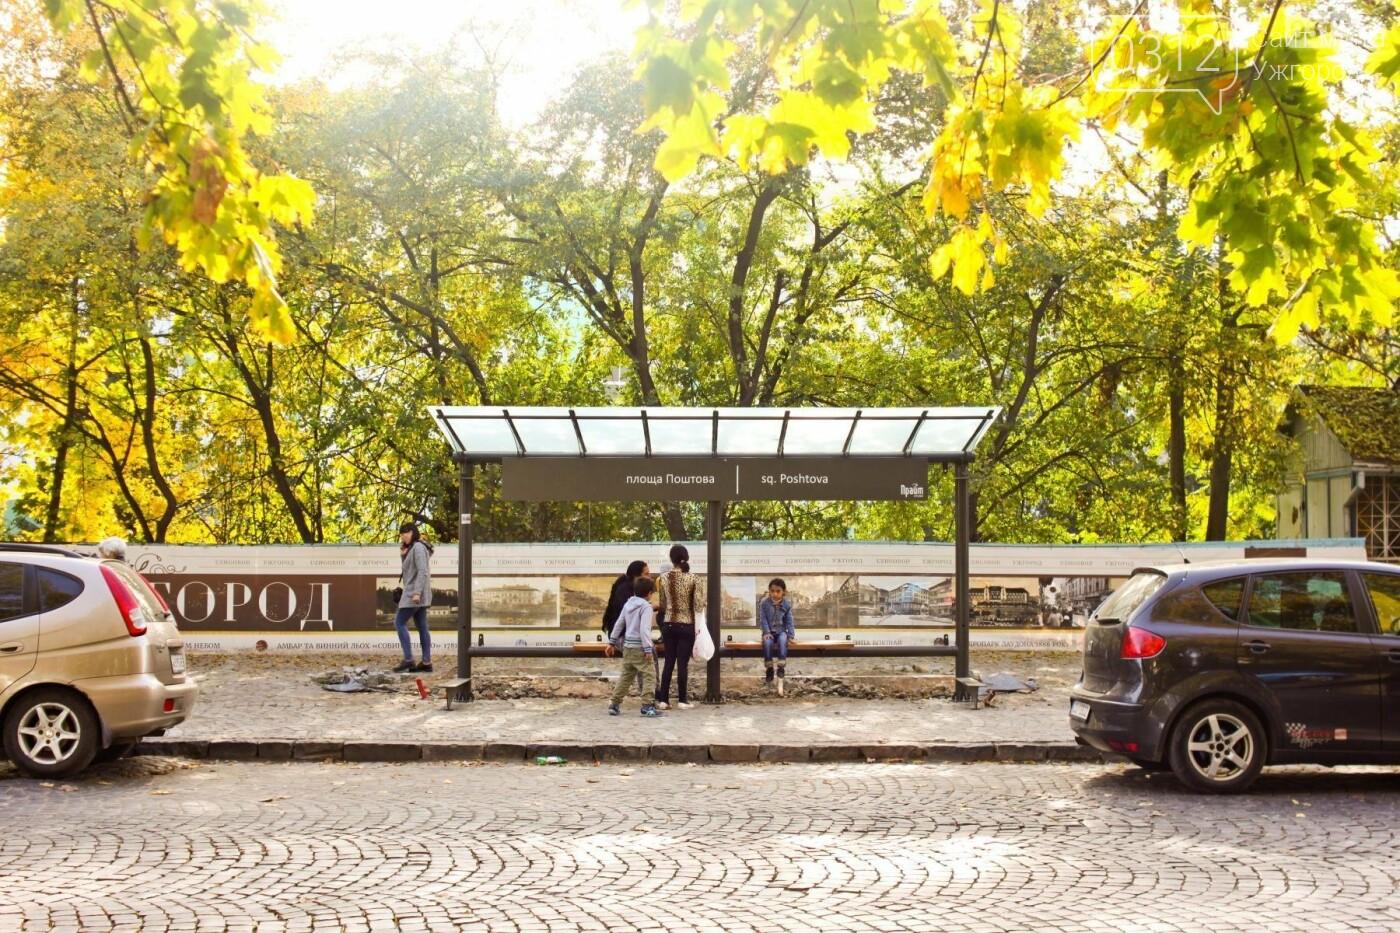 Як ужгородці оцінюють нові  зупинки в місті? (ВІДЕО), фото-1